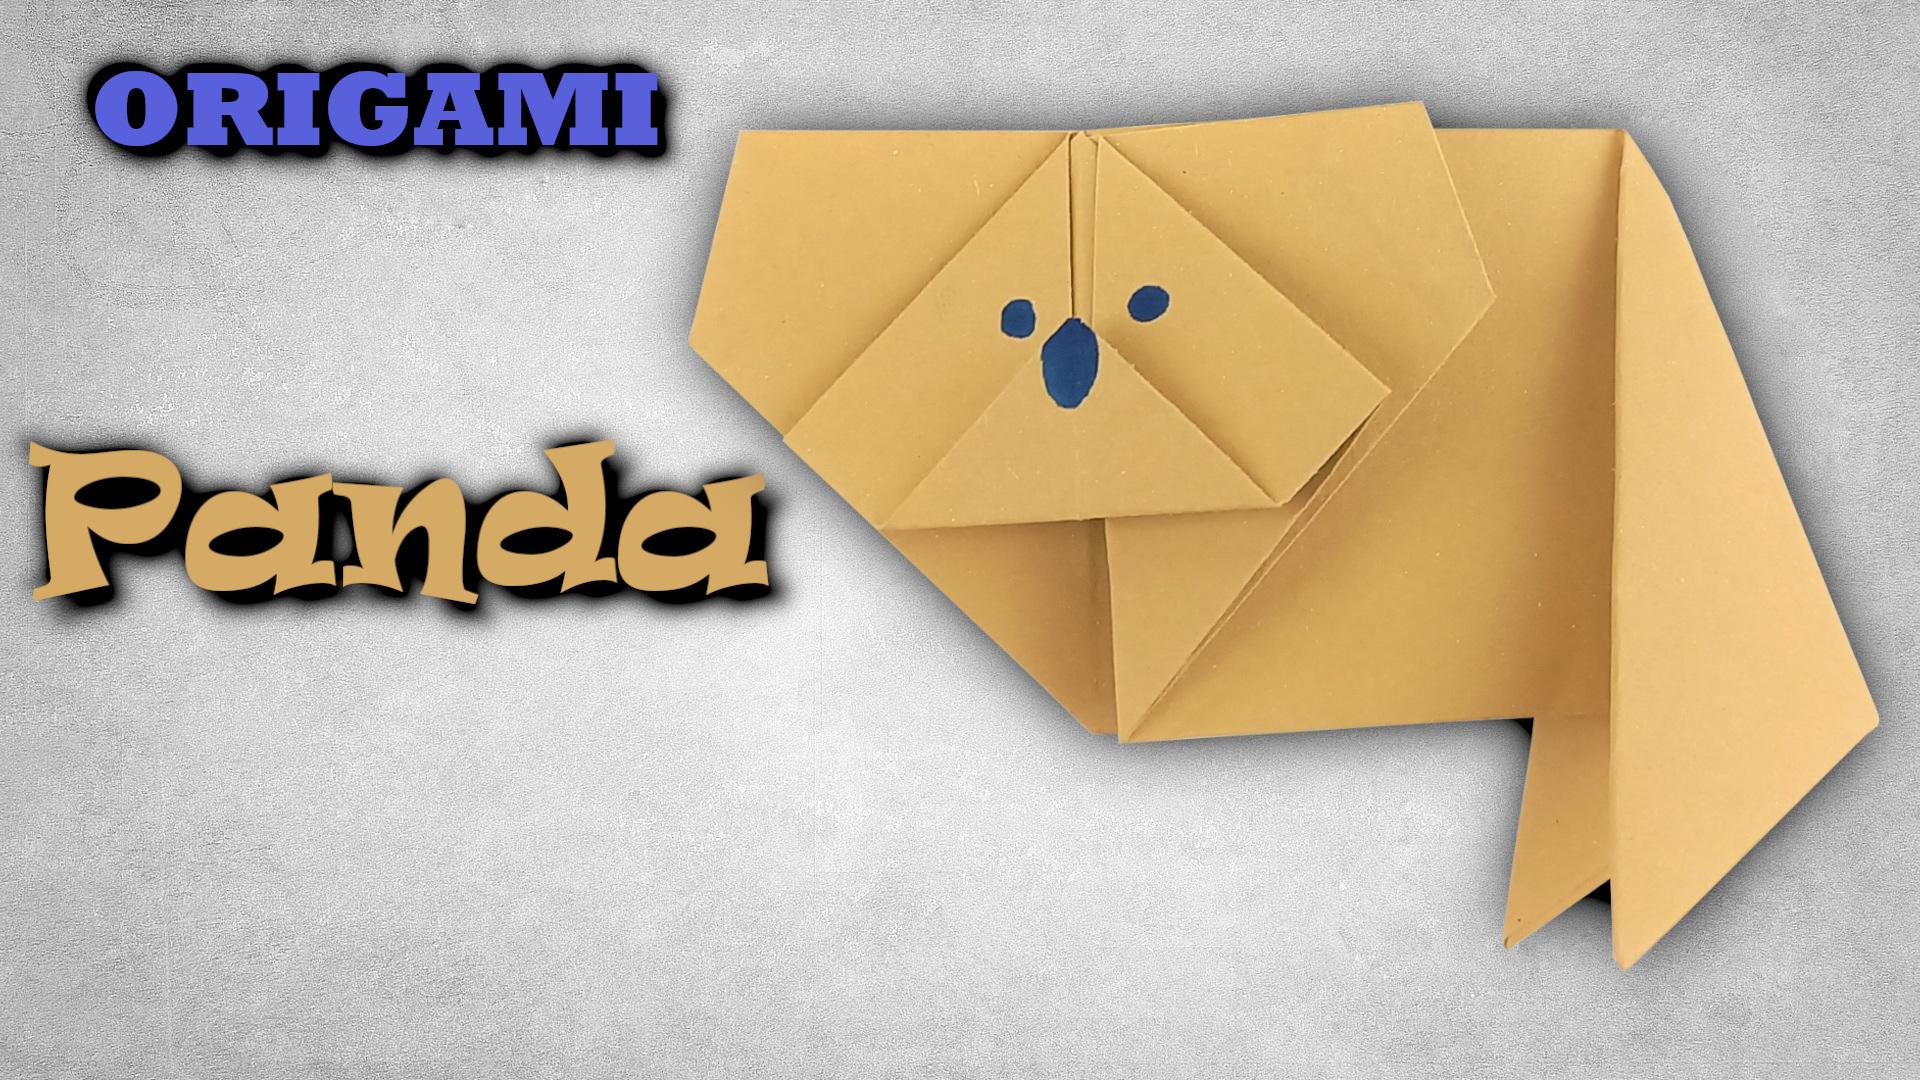 Origami panda   Jak složit pandu červenou z papíru